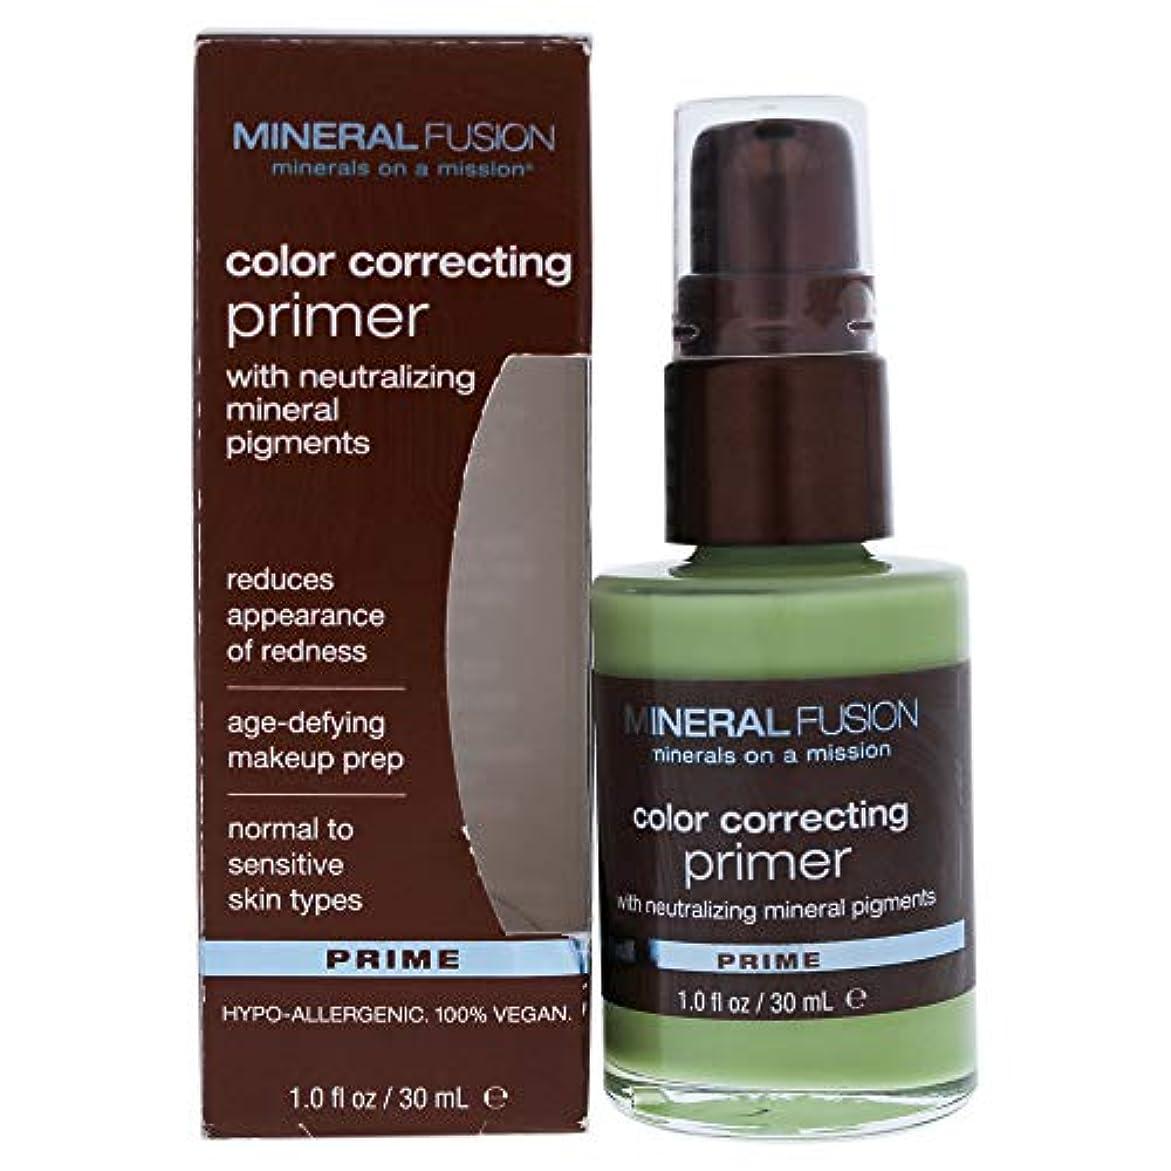 進む壁実質的にMineral Fusion, Color Correcting Primer, Prime, 1.0 fl oz (30 ml)